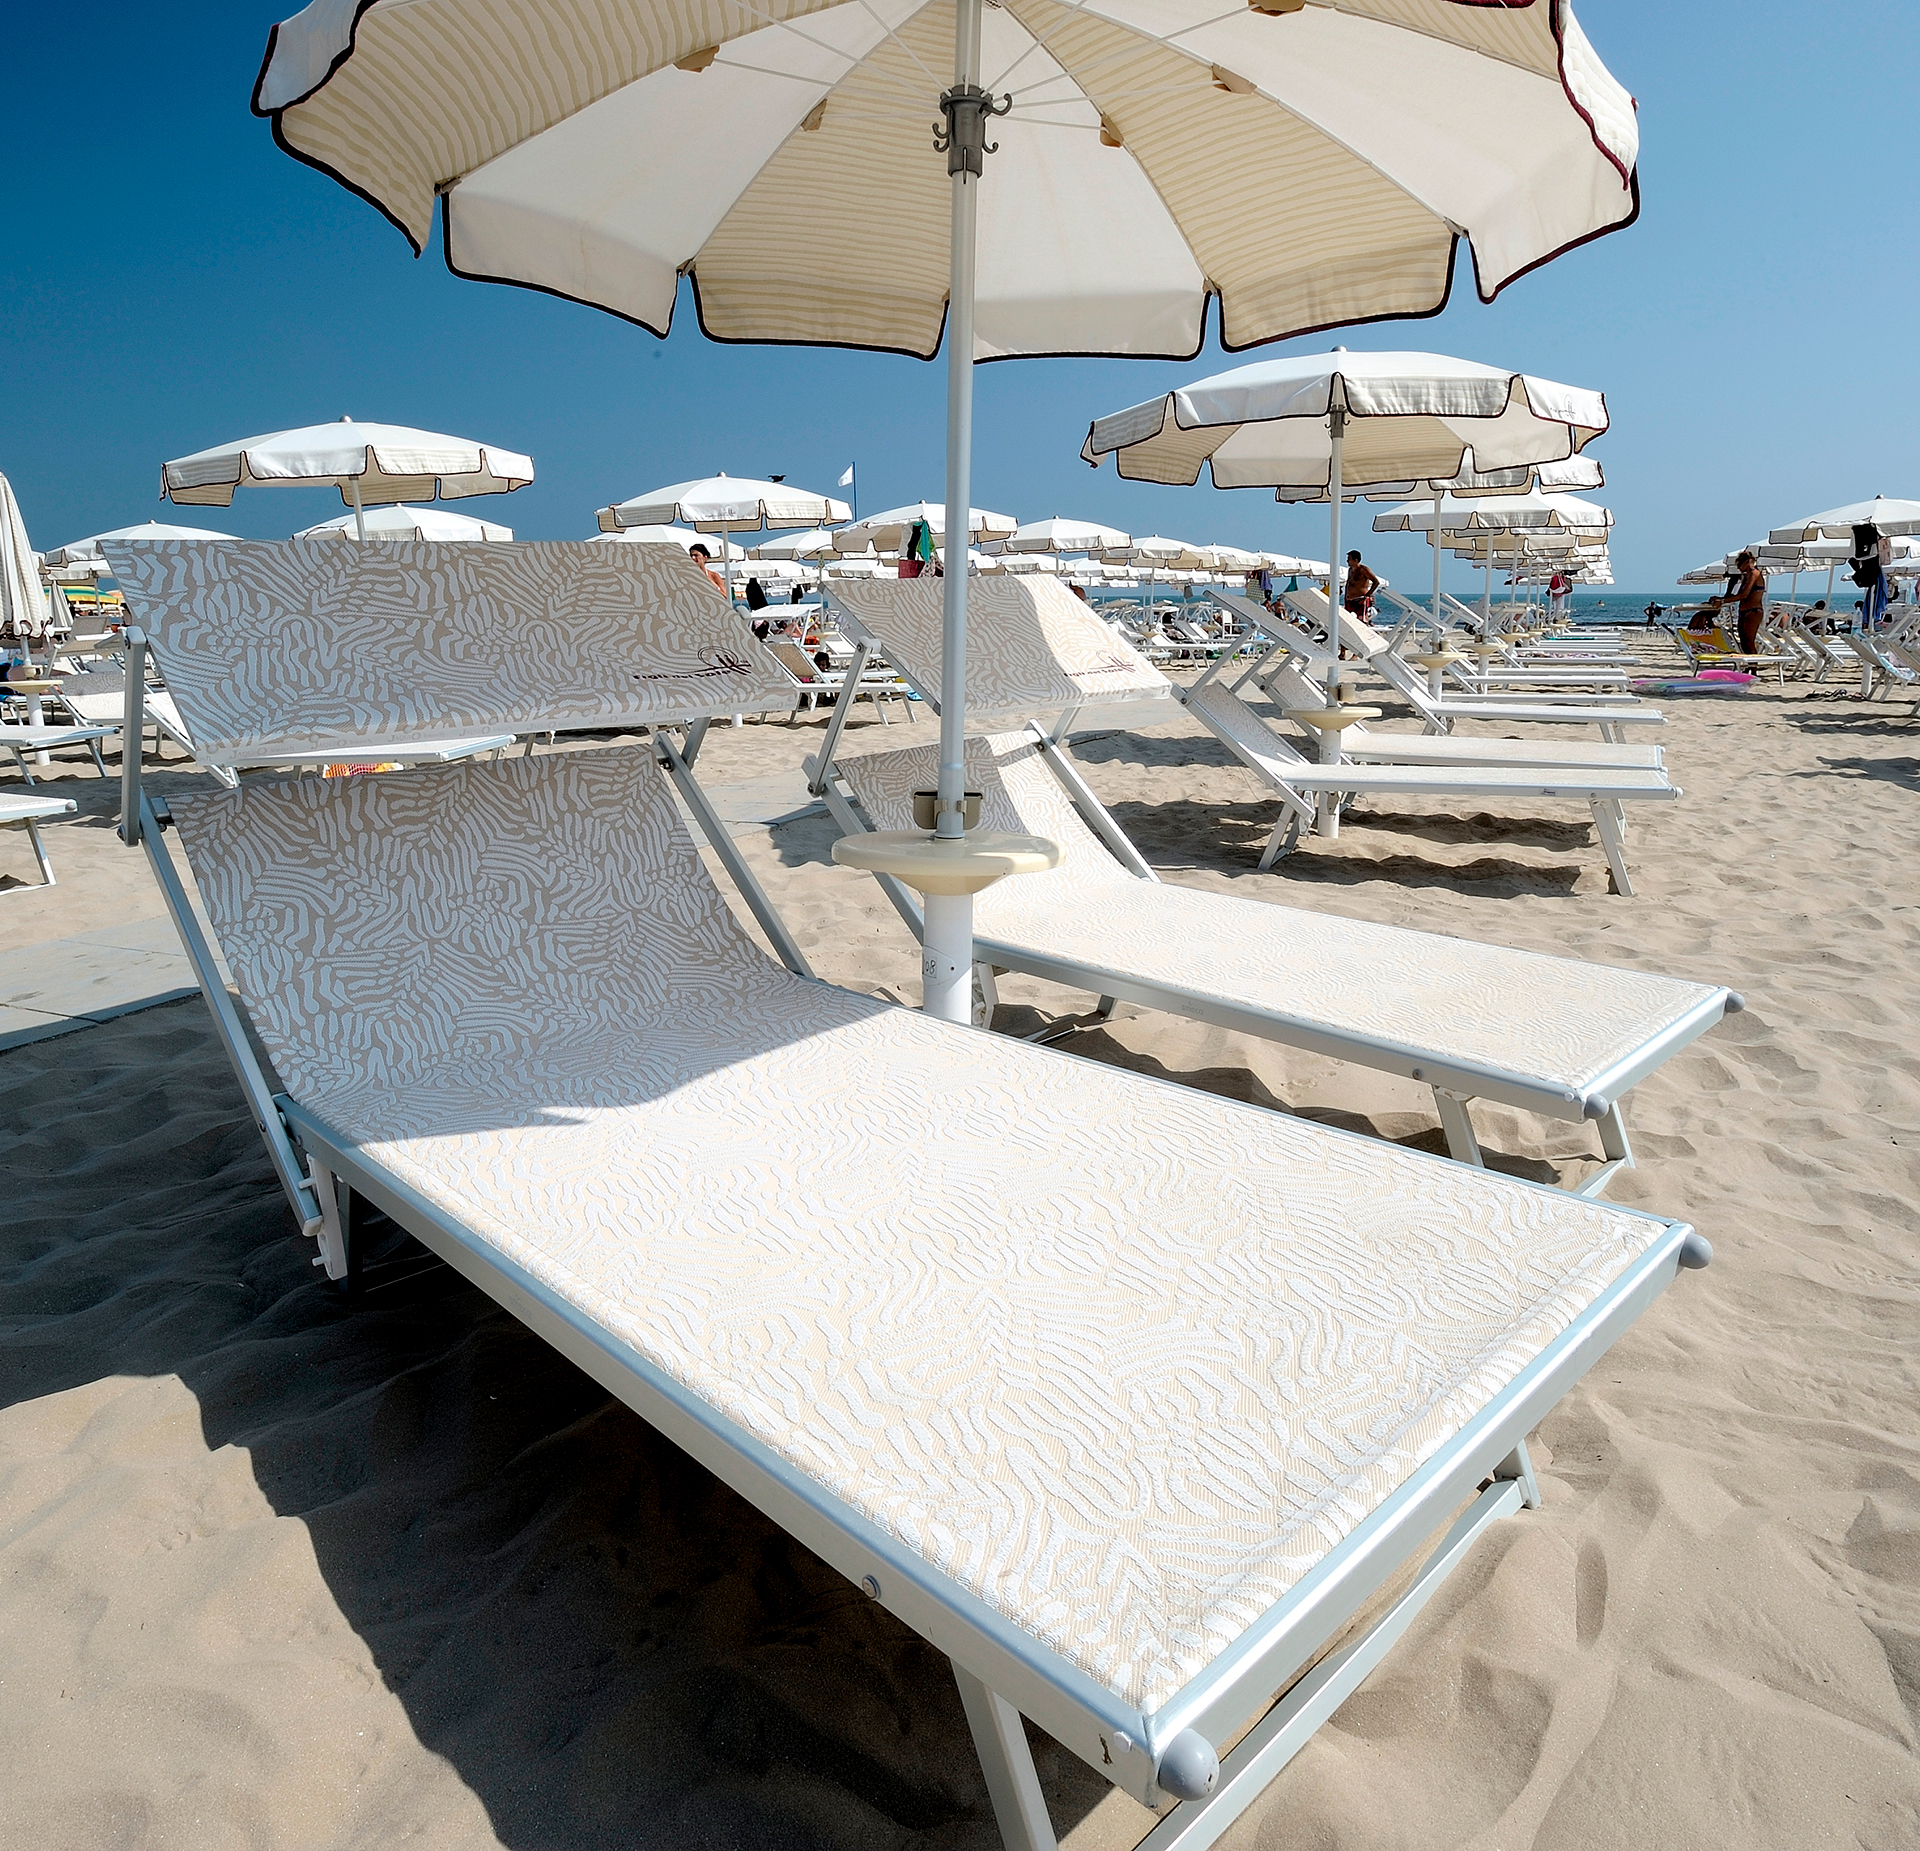 Prezzi Lettini Da Spiaggia.Vip Lettino Da Spiaggia